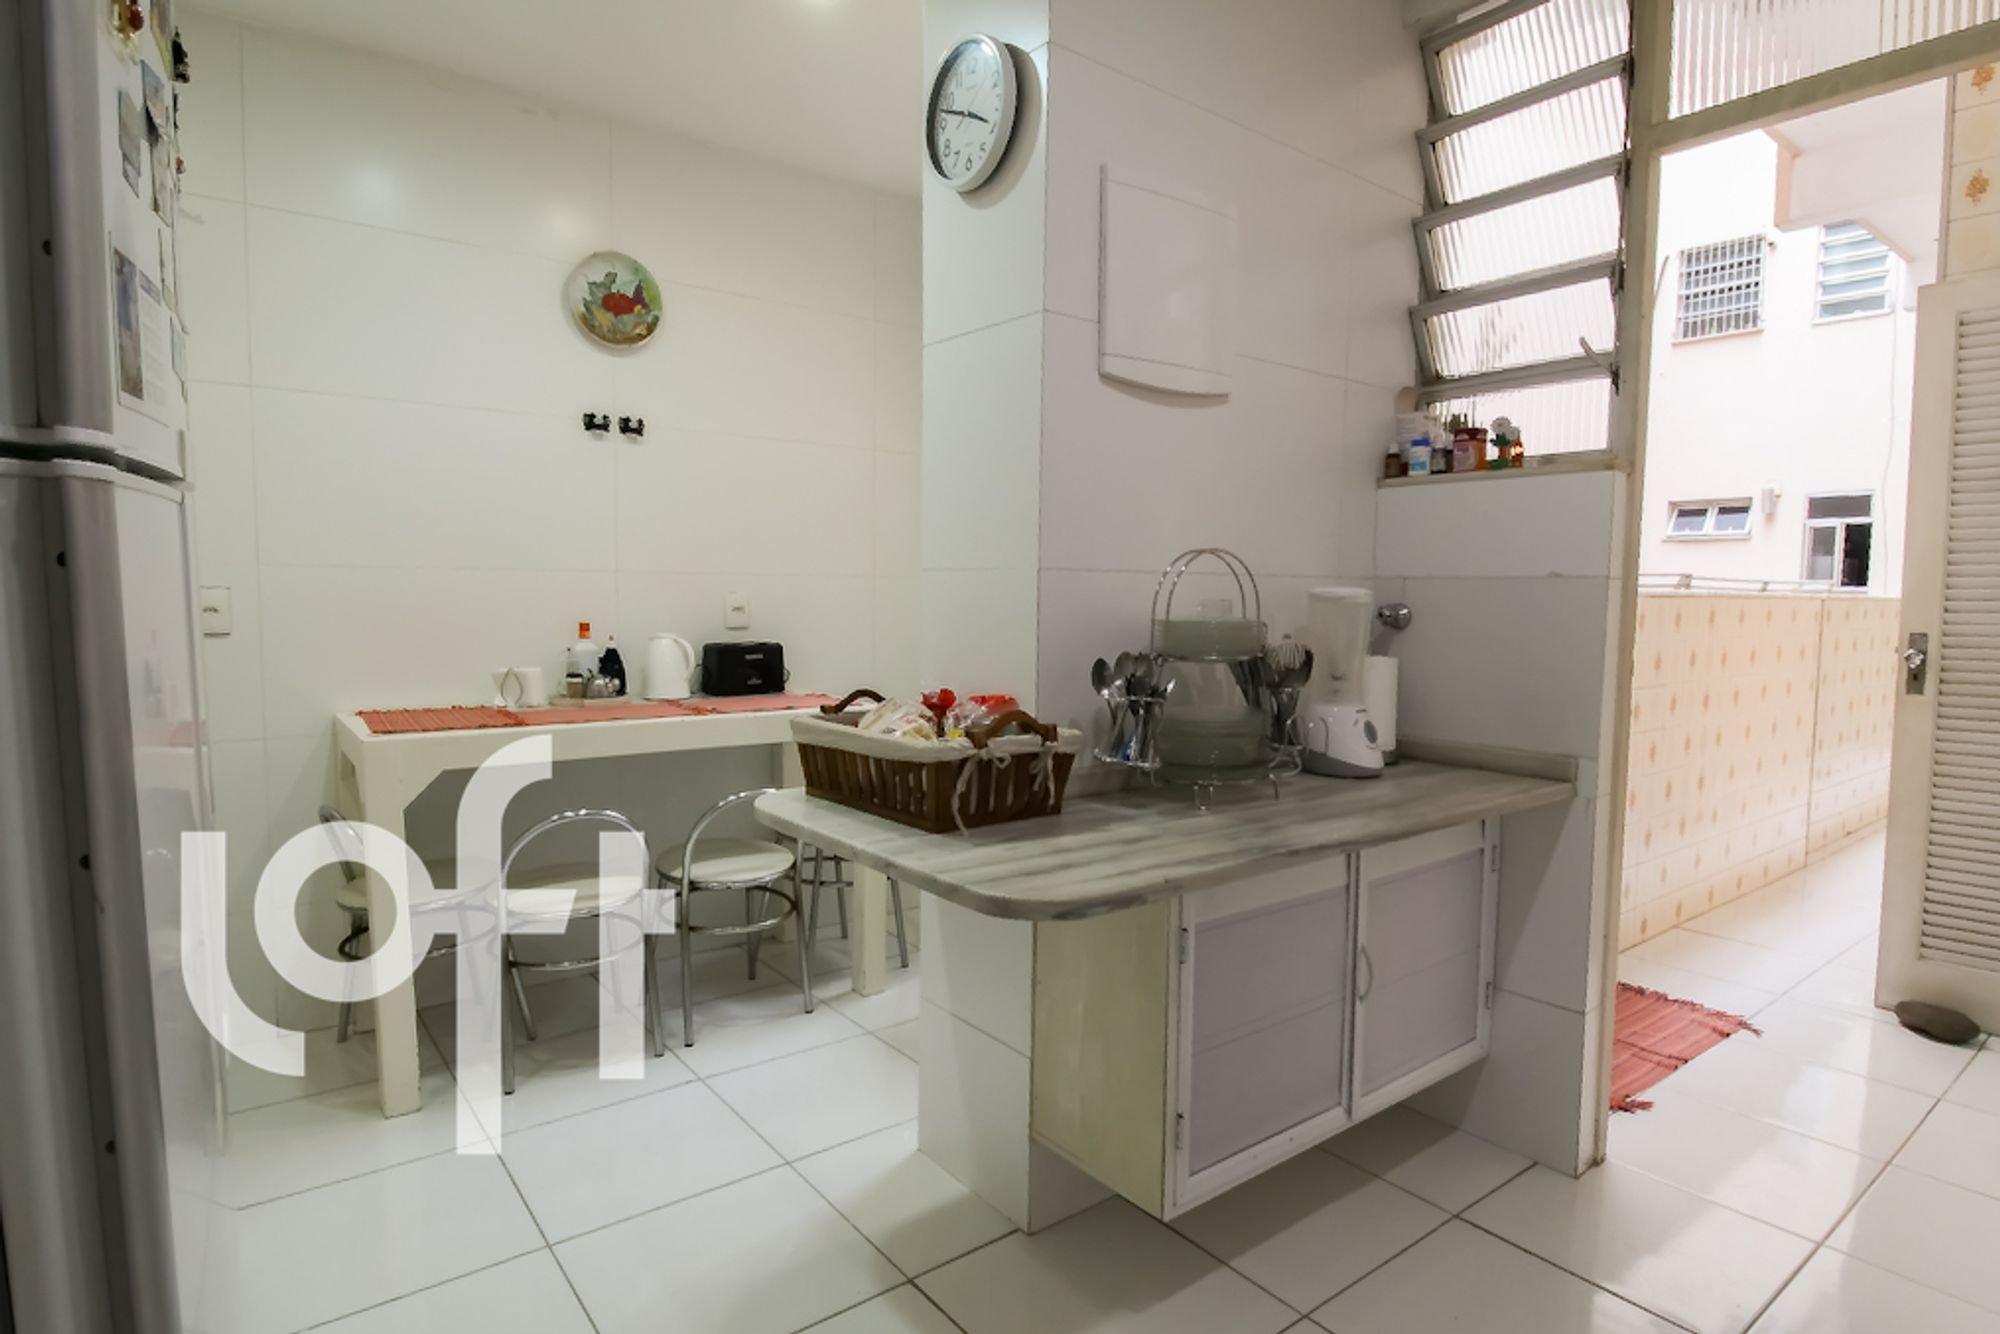 Foto de Cozinha com cadeira, relógio, garrafa